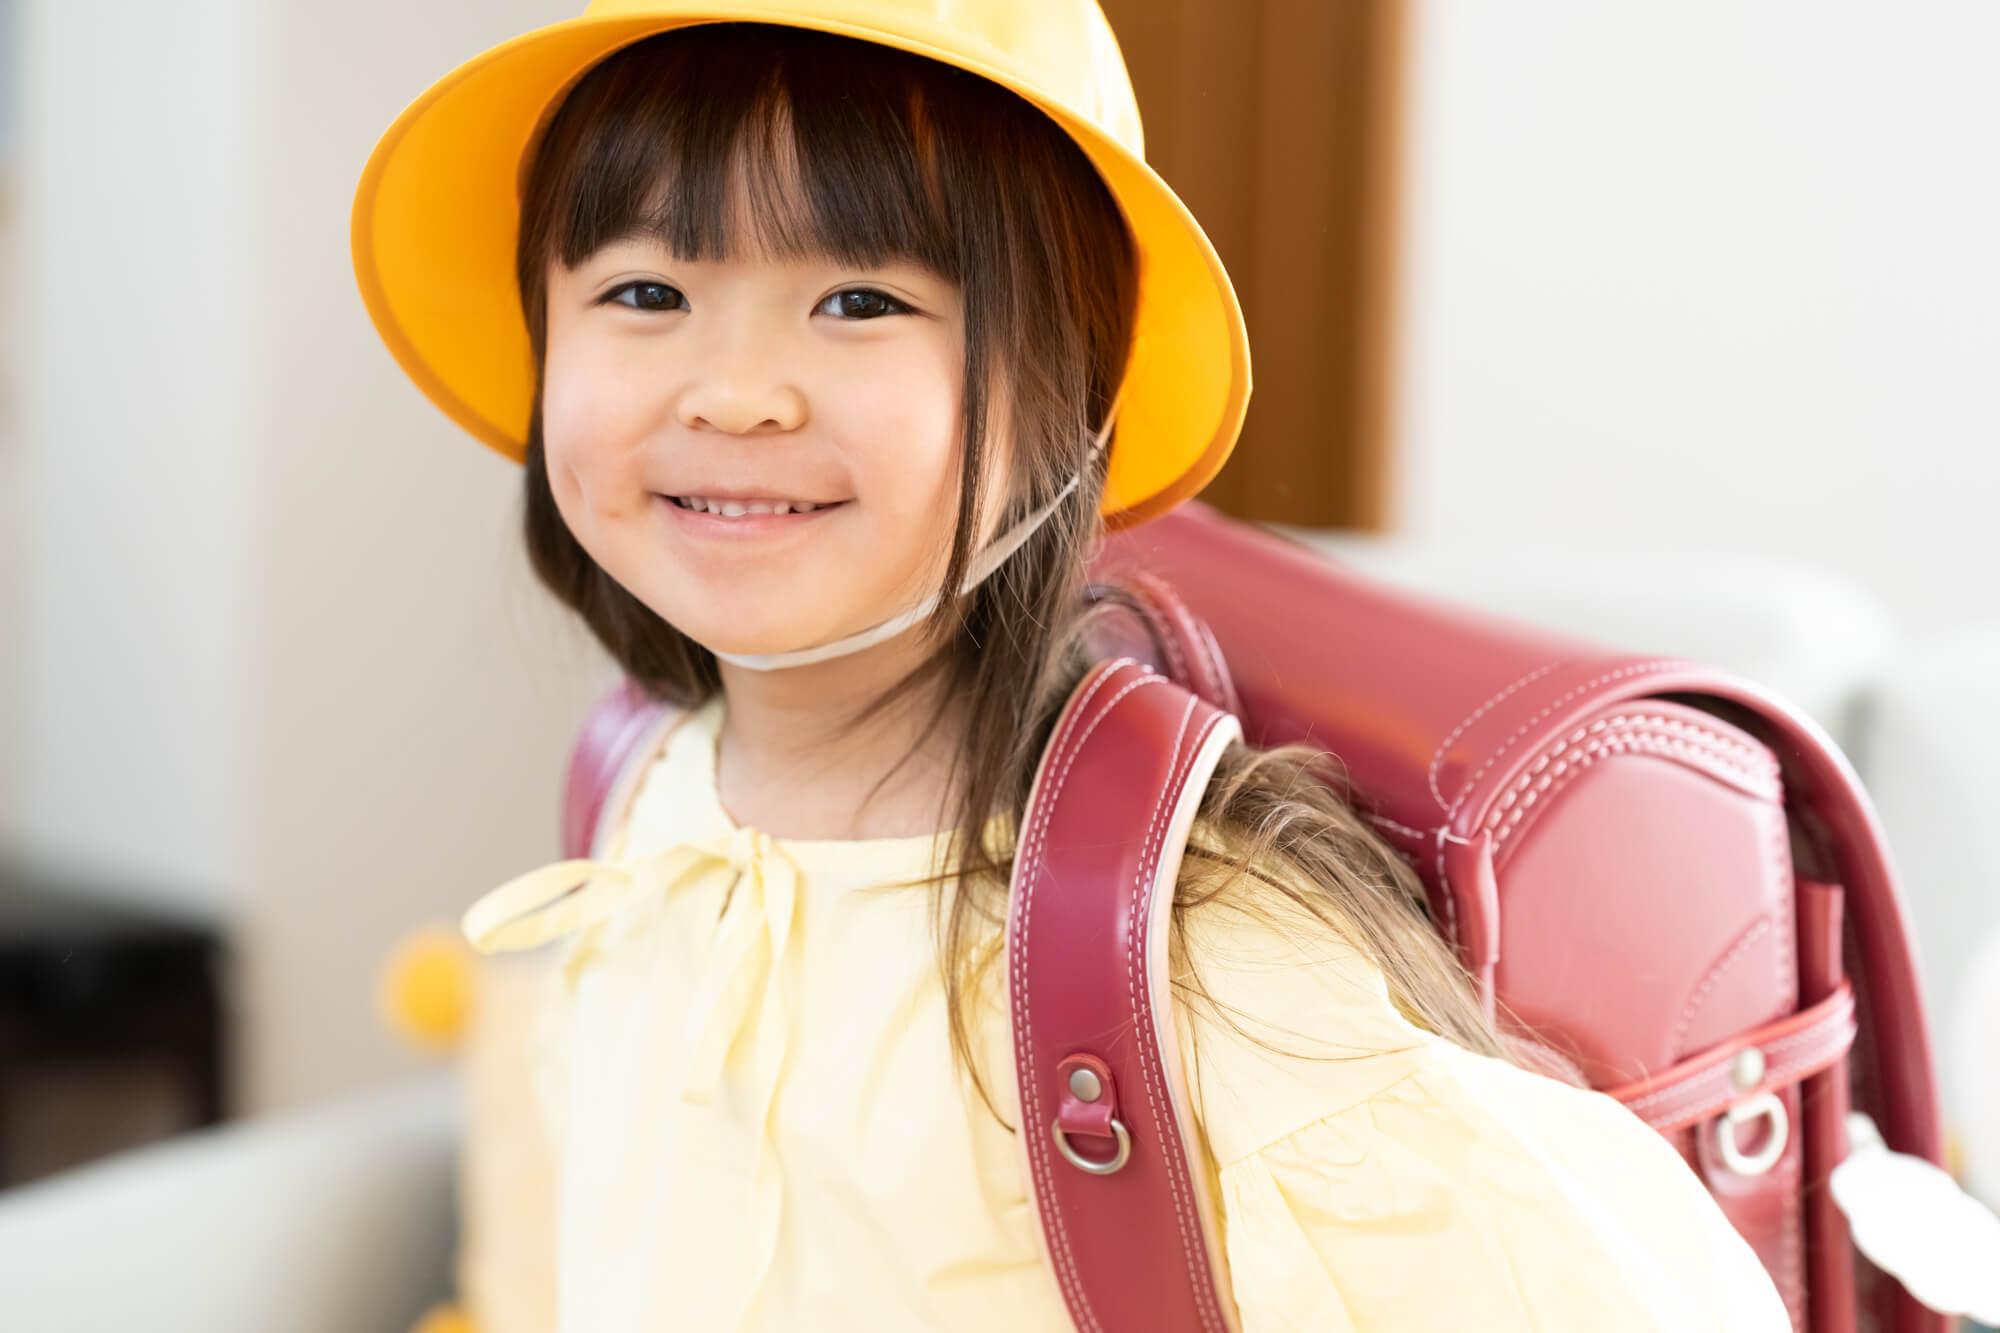 子供用のGPSは使い方が簡単!短時間充電でもバッテリー長持ち